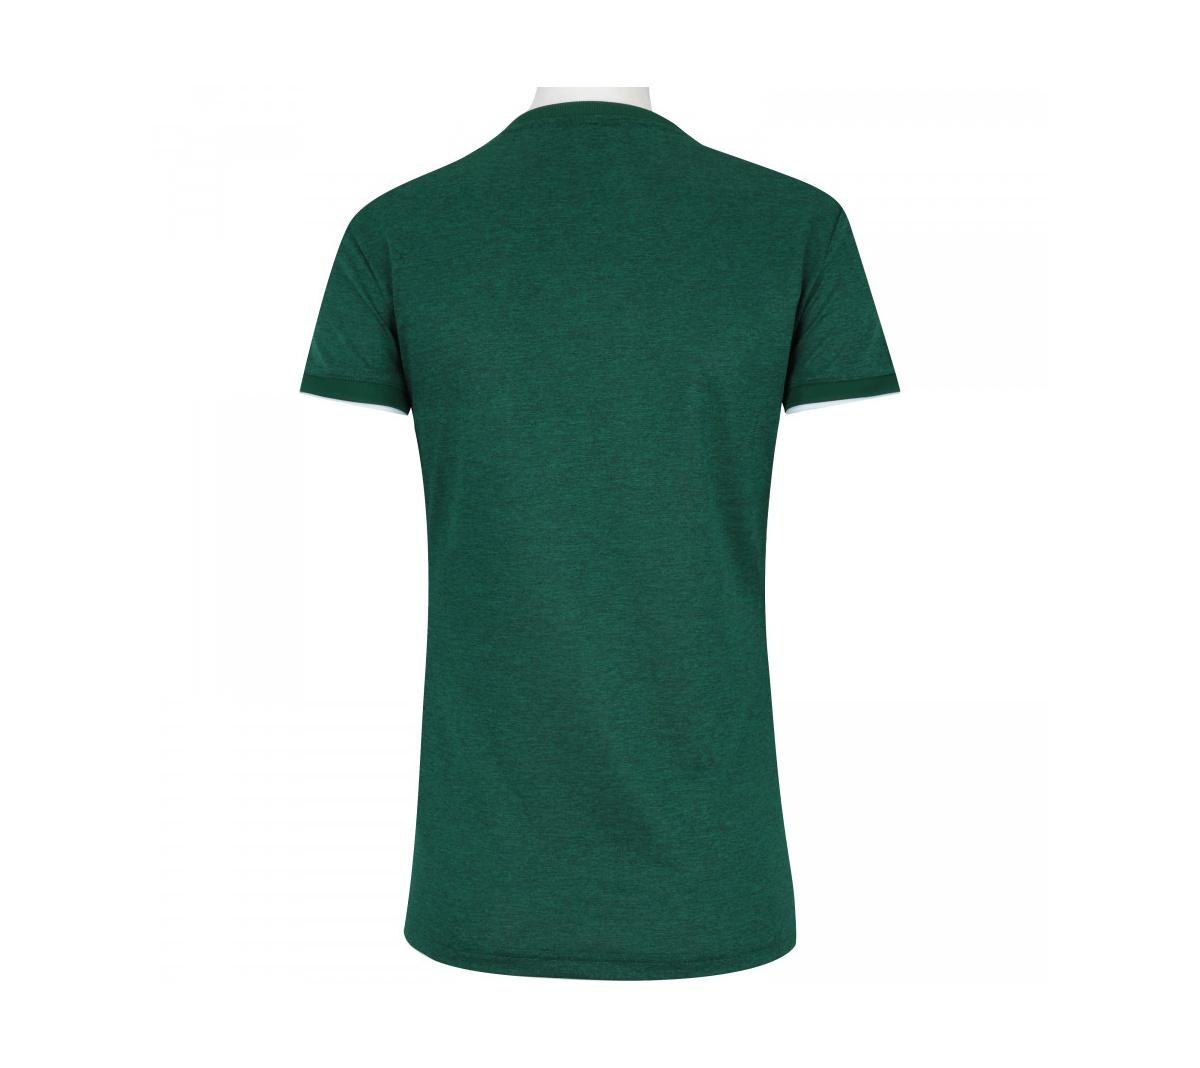 Camisa Adidas Palmeiras I 2018 Feminina